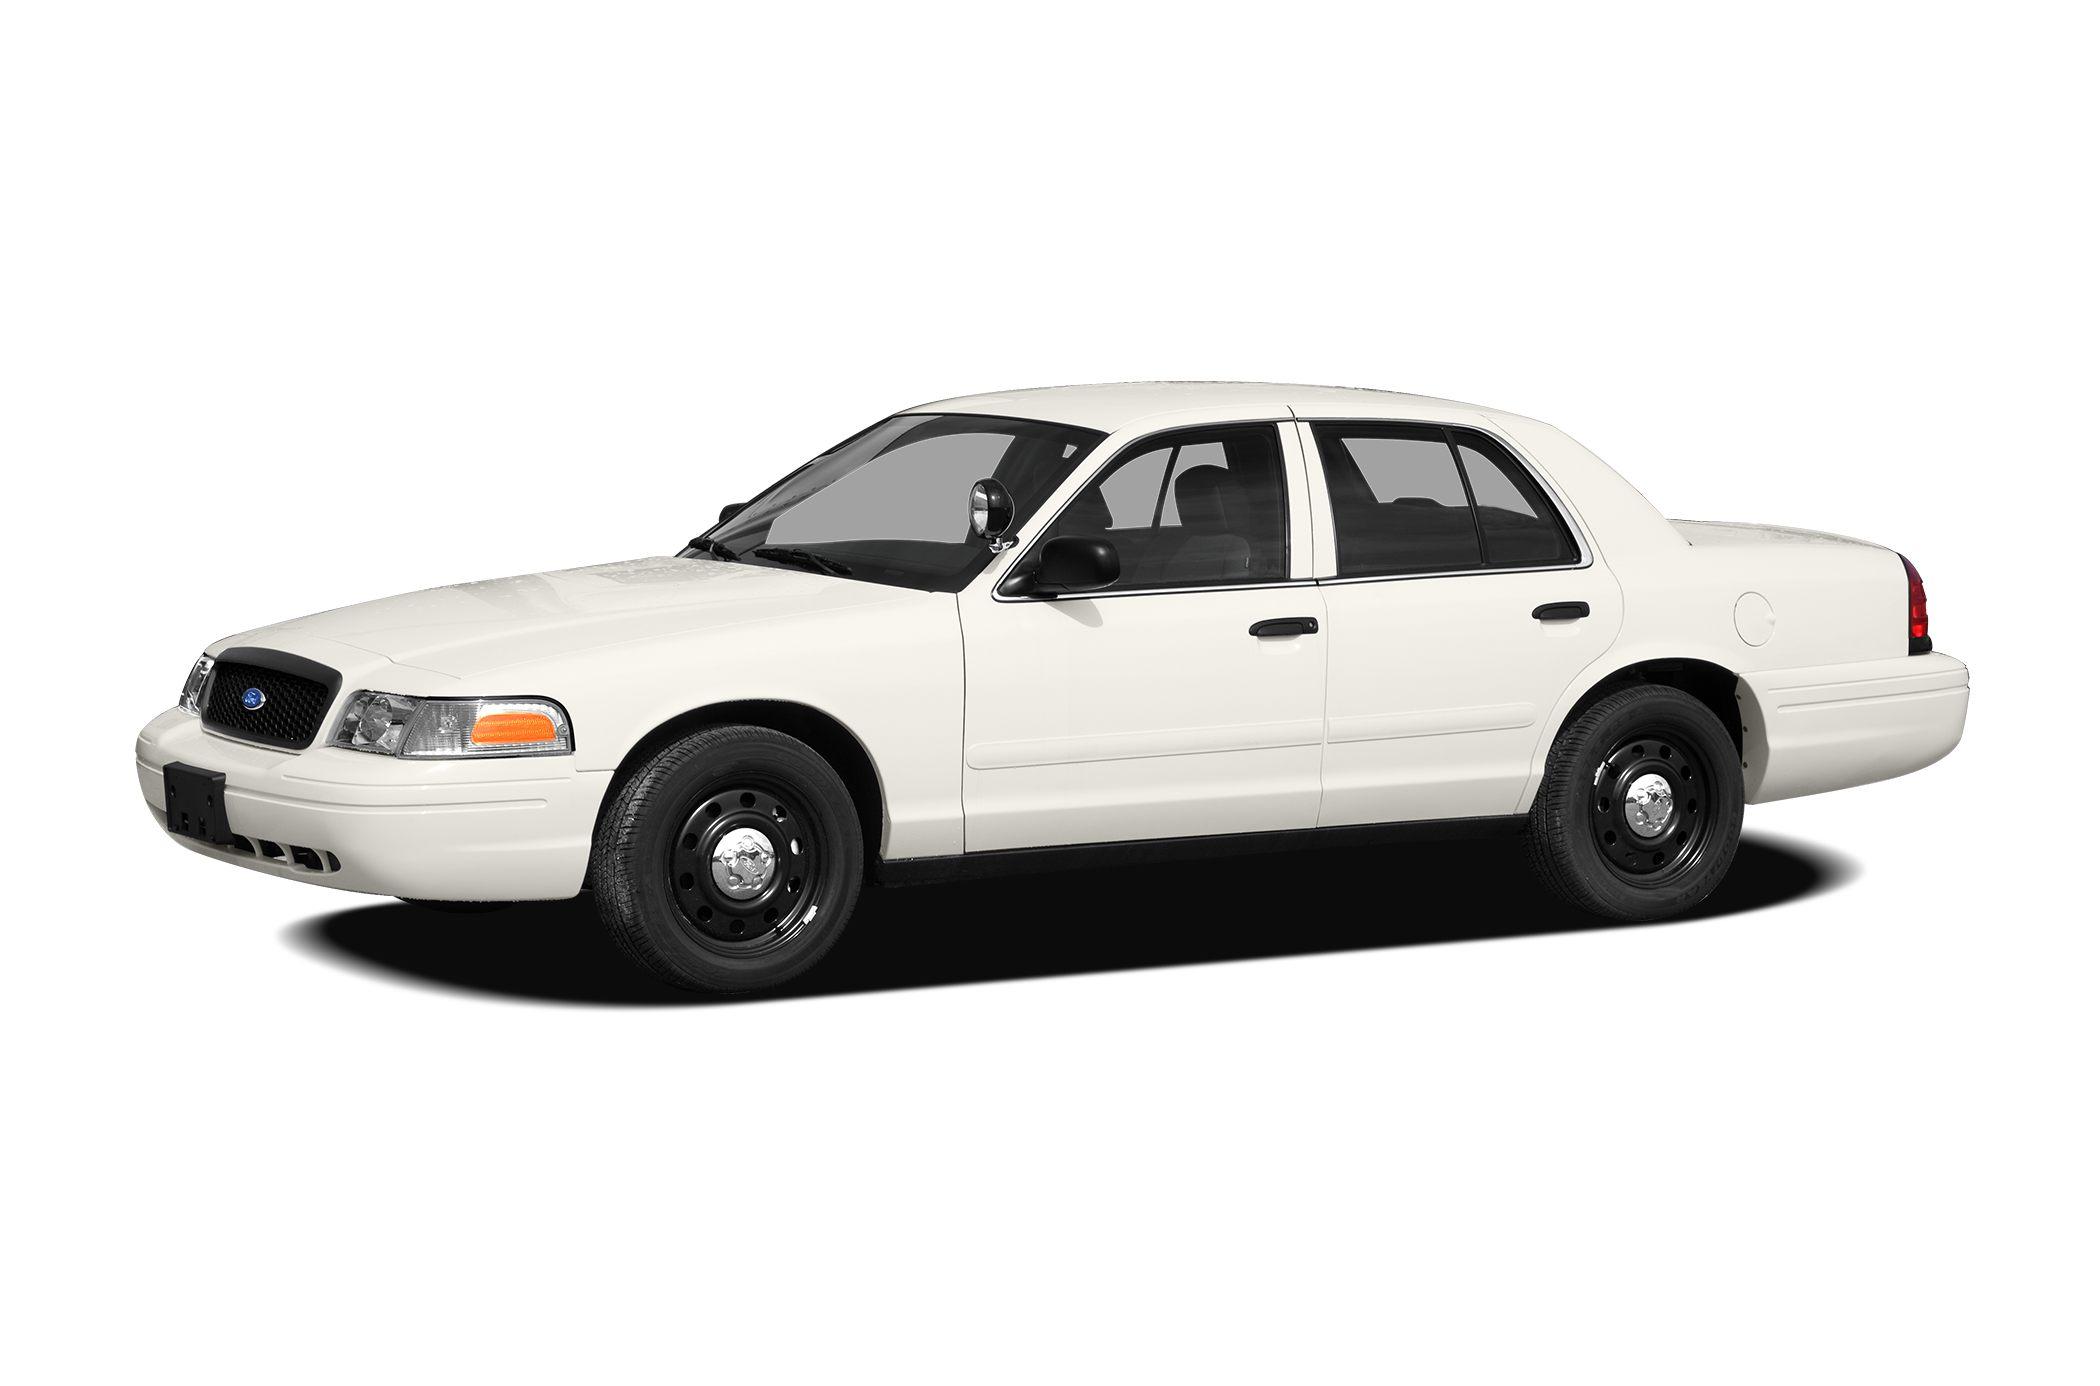 2008 Ford Crown Victoria Police Interceptor Miles 115417Stock 160264B VIN 2FAFP71V08X140898